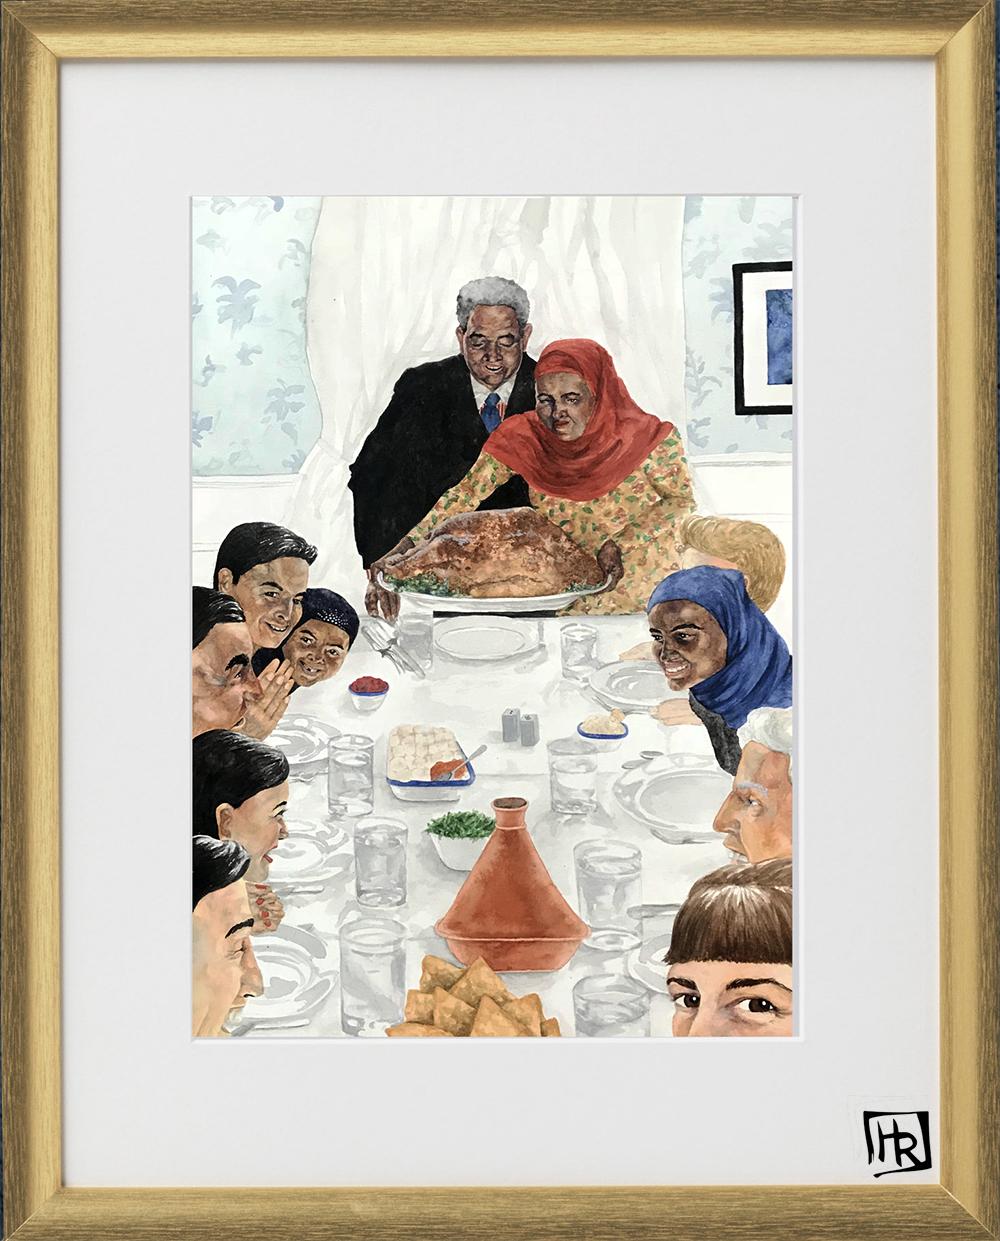 Immigrants Thanksgiving framed.jpg